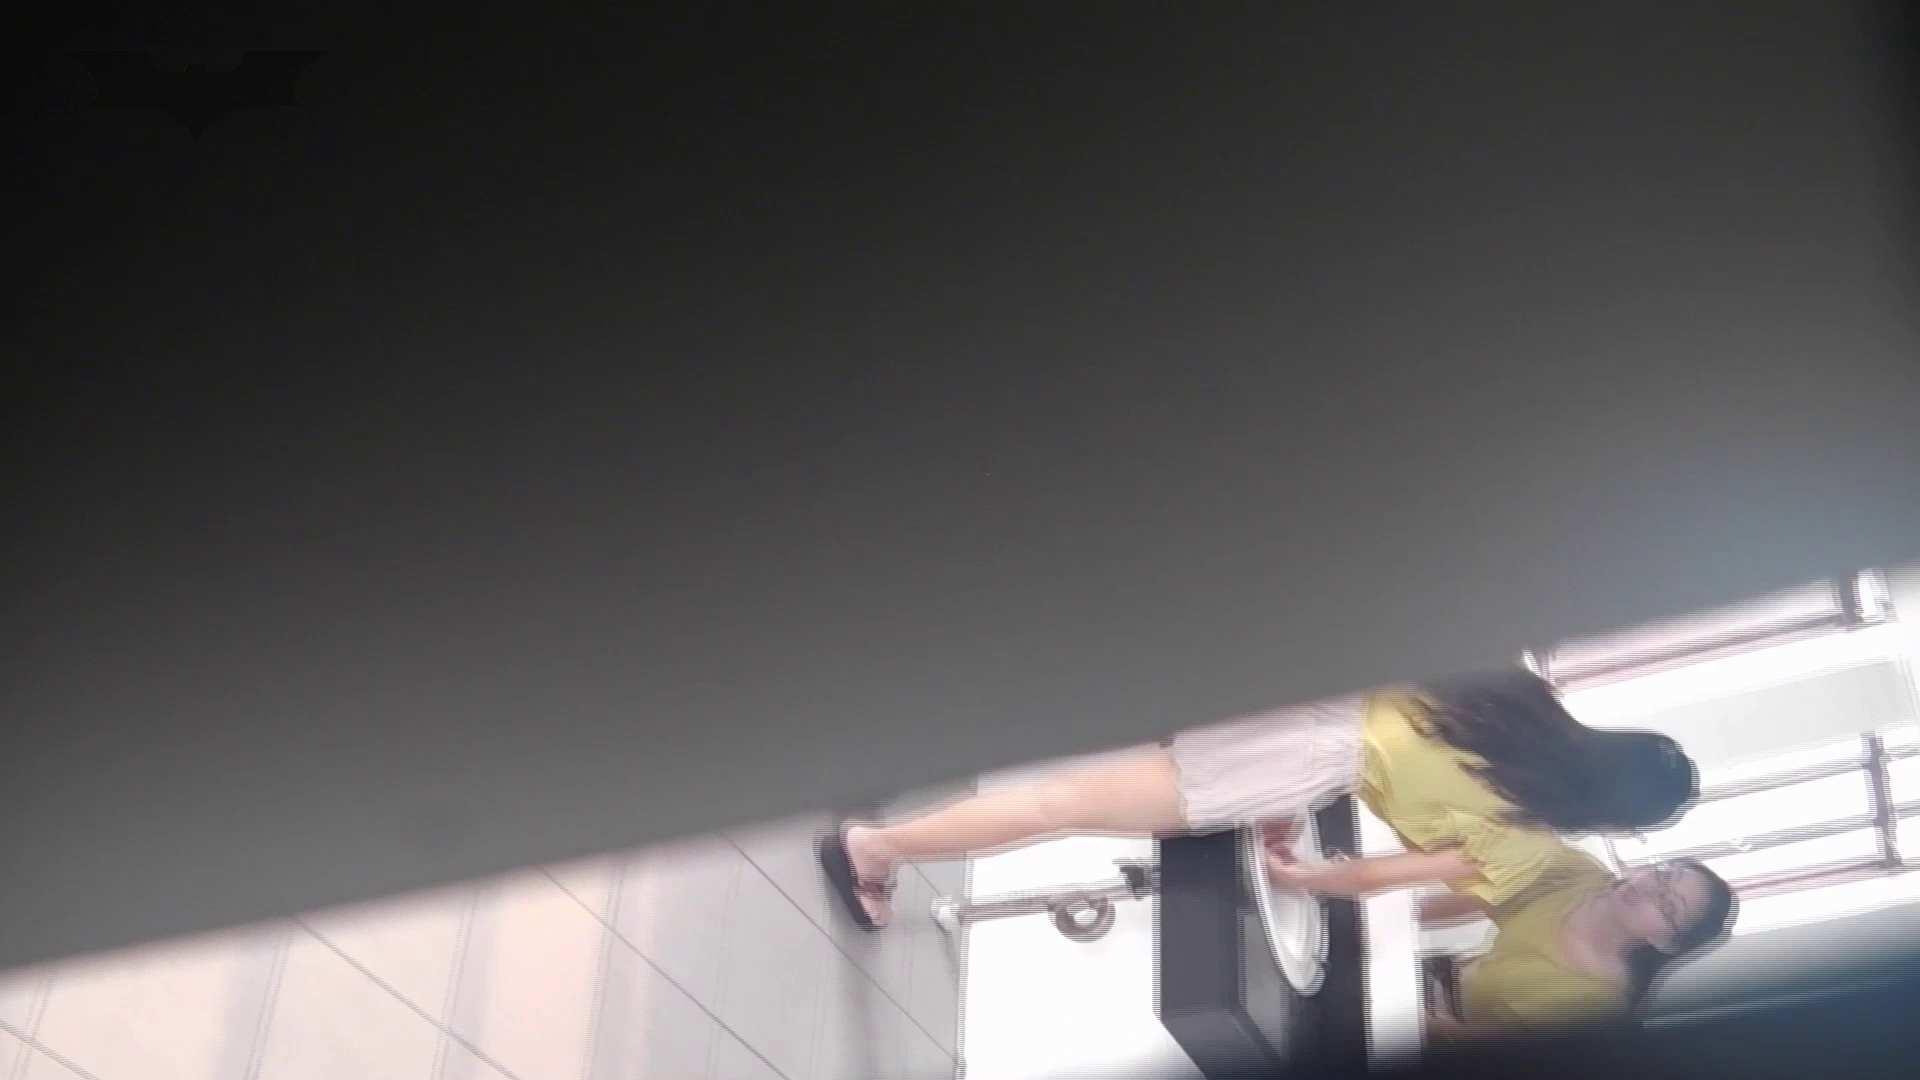 潜入!!台湾名門女学院 Vol.04 二ケツ同時撮り!! ギャル達 ワレメ動画紹介 101枚 65